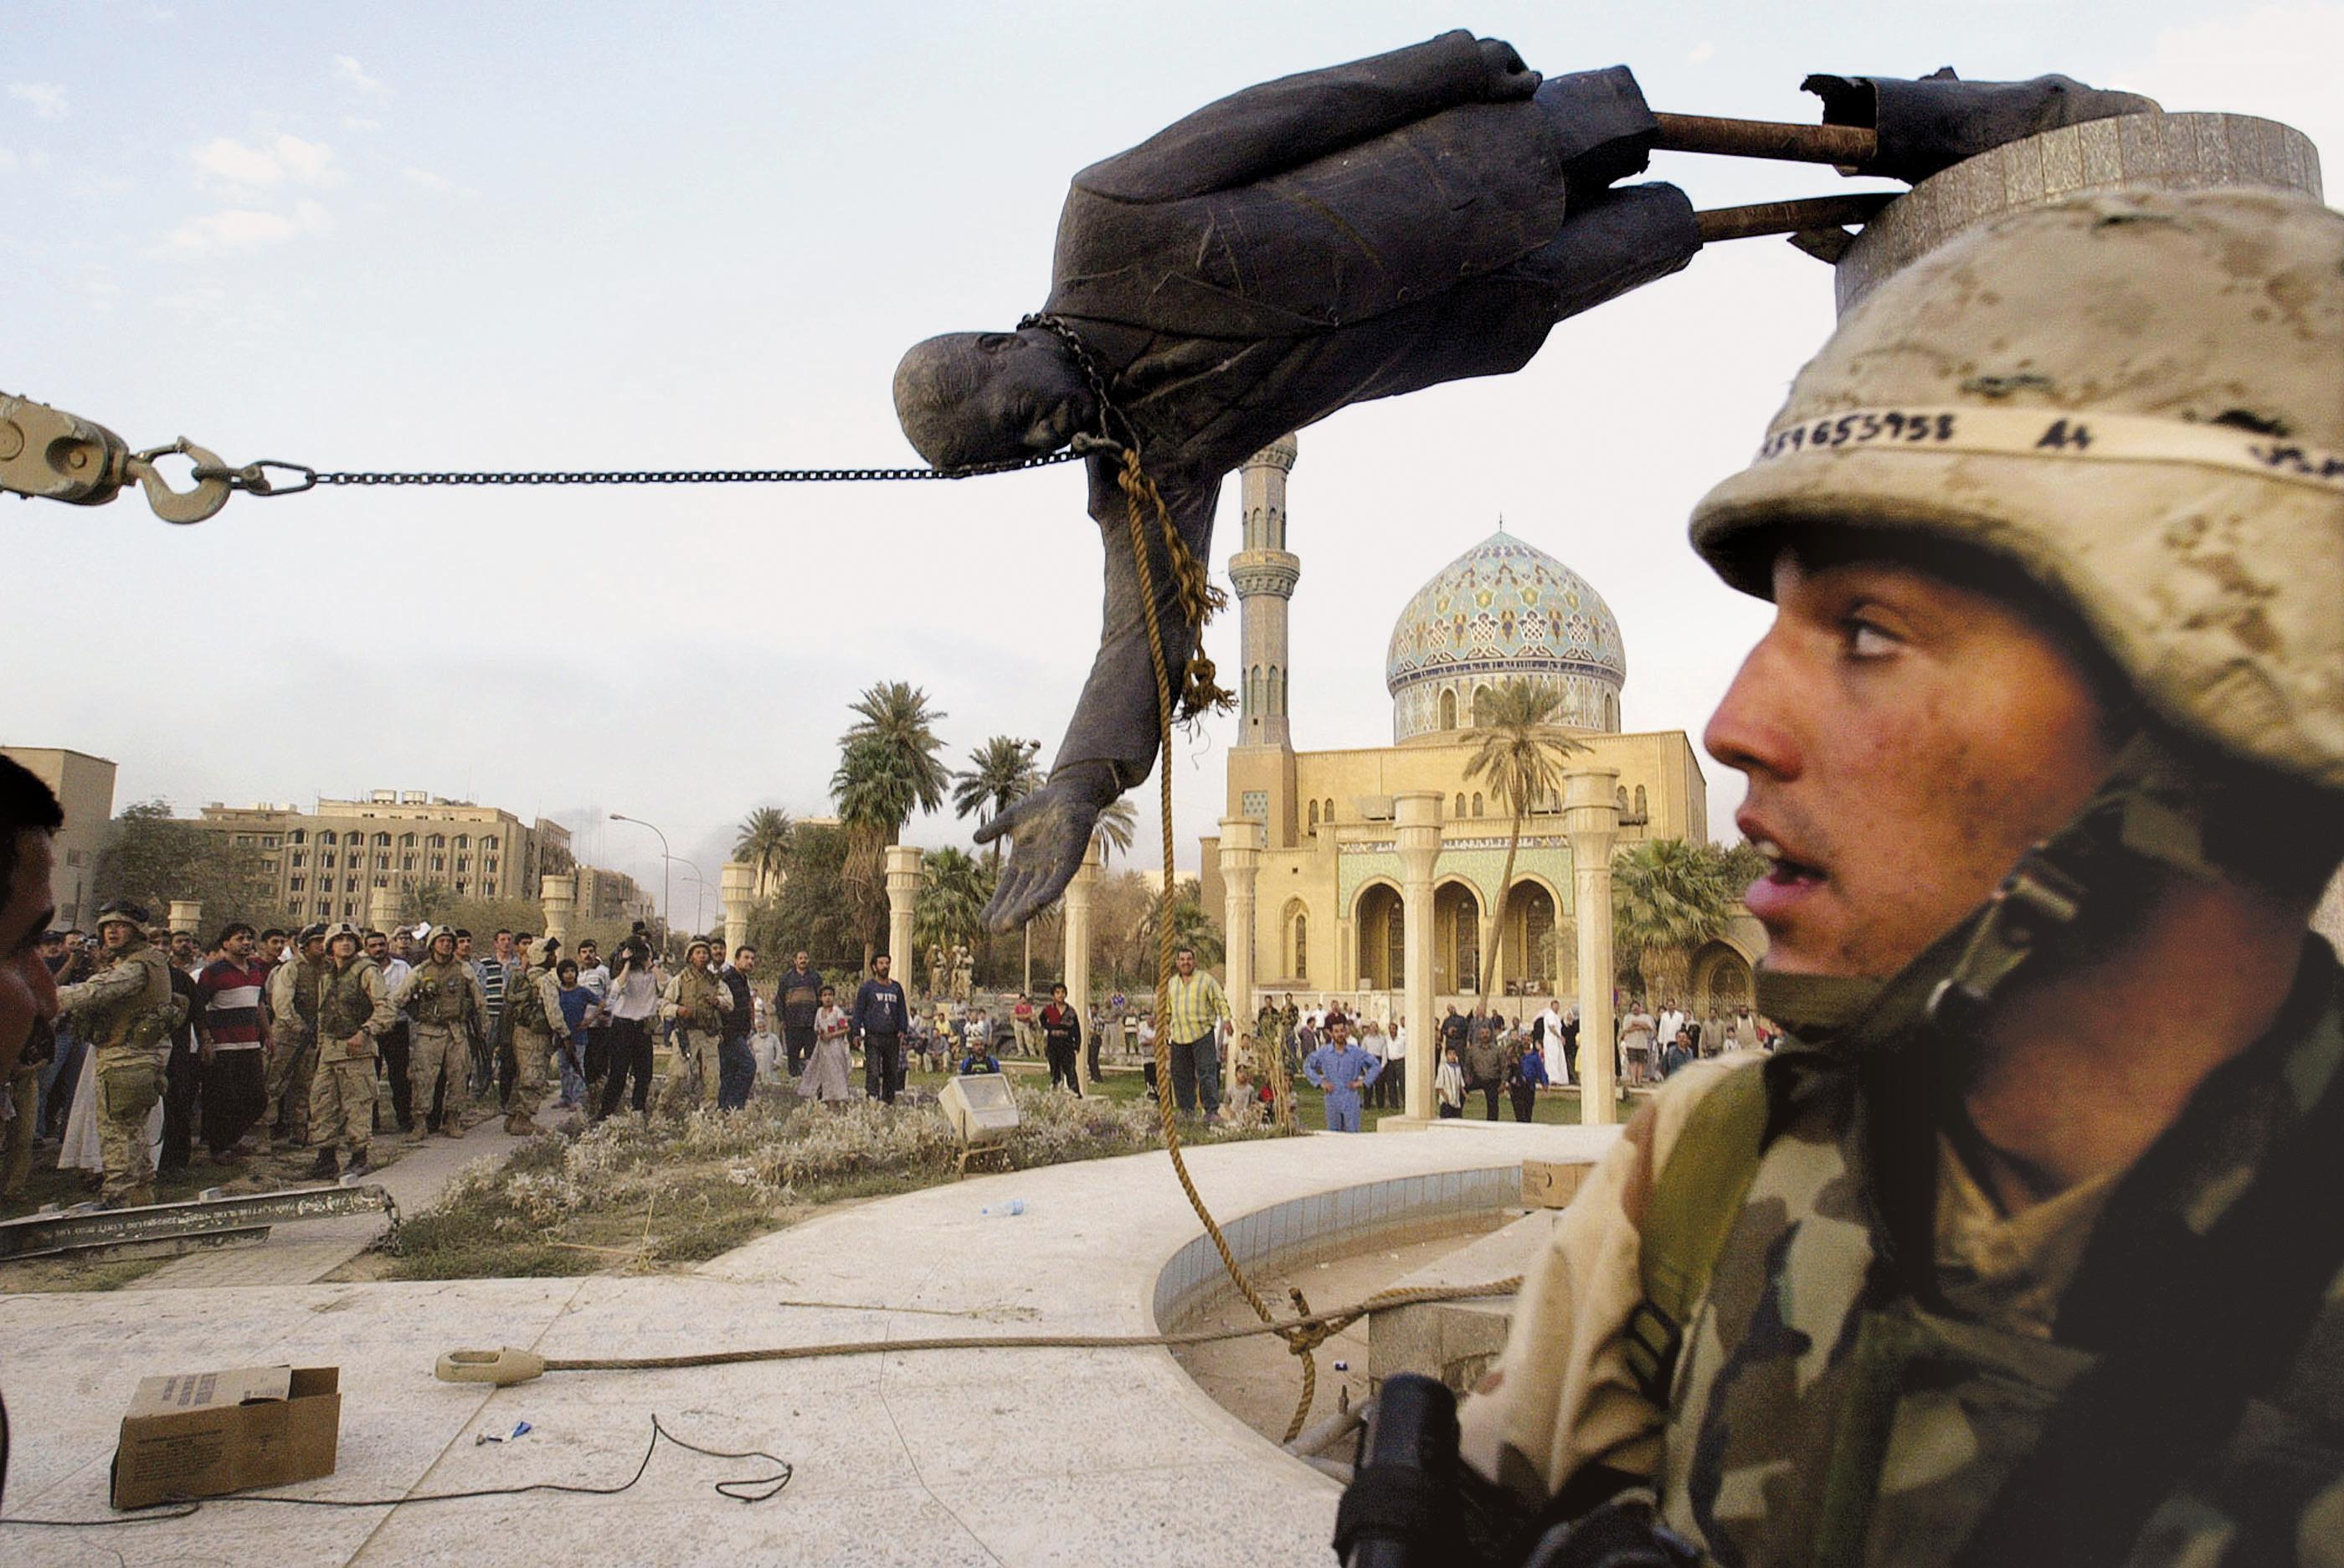 """伊拉克战争的""""灾难性胜利"""",美国撤军十年后局势依然不明朗"""